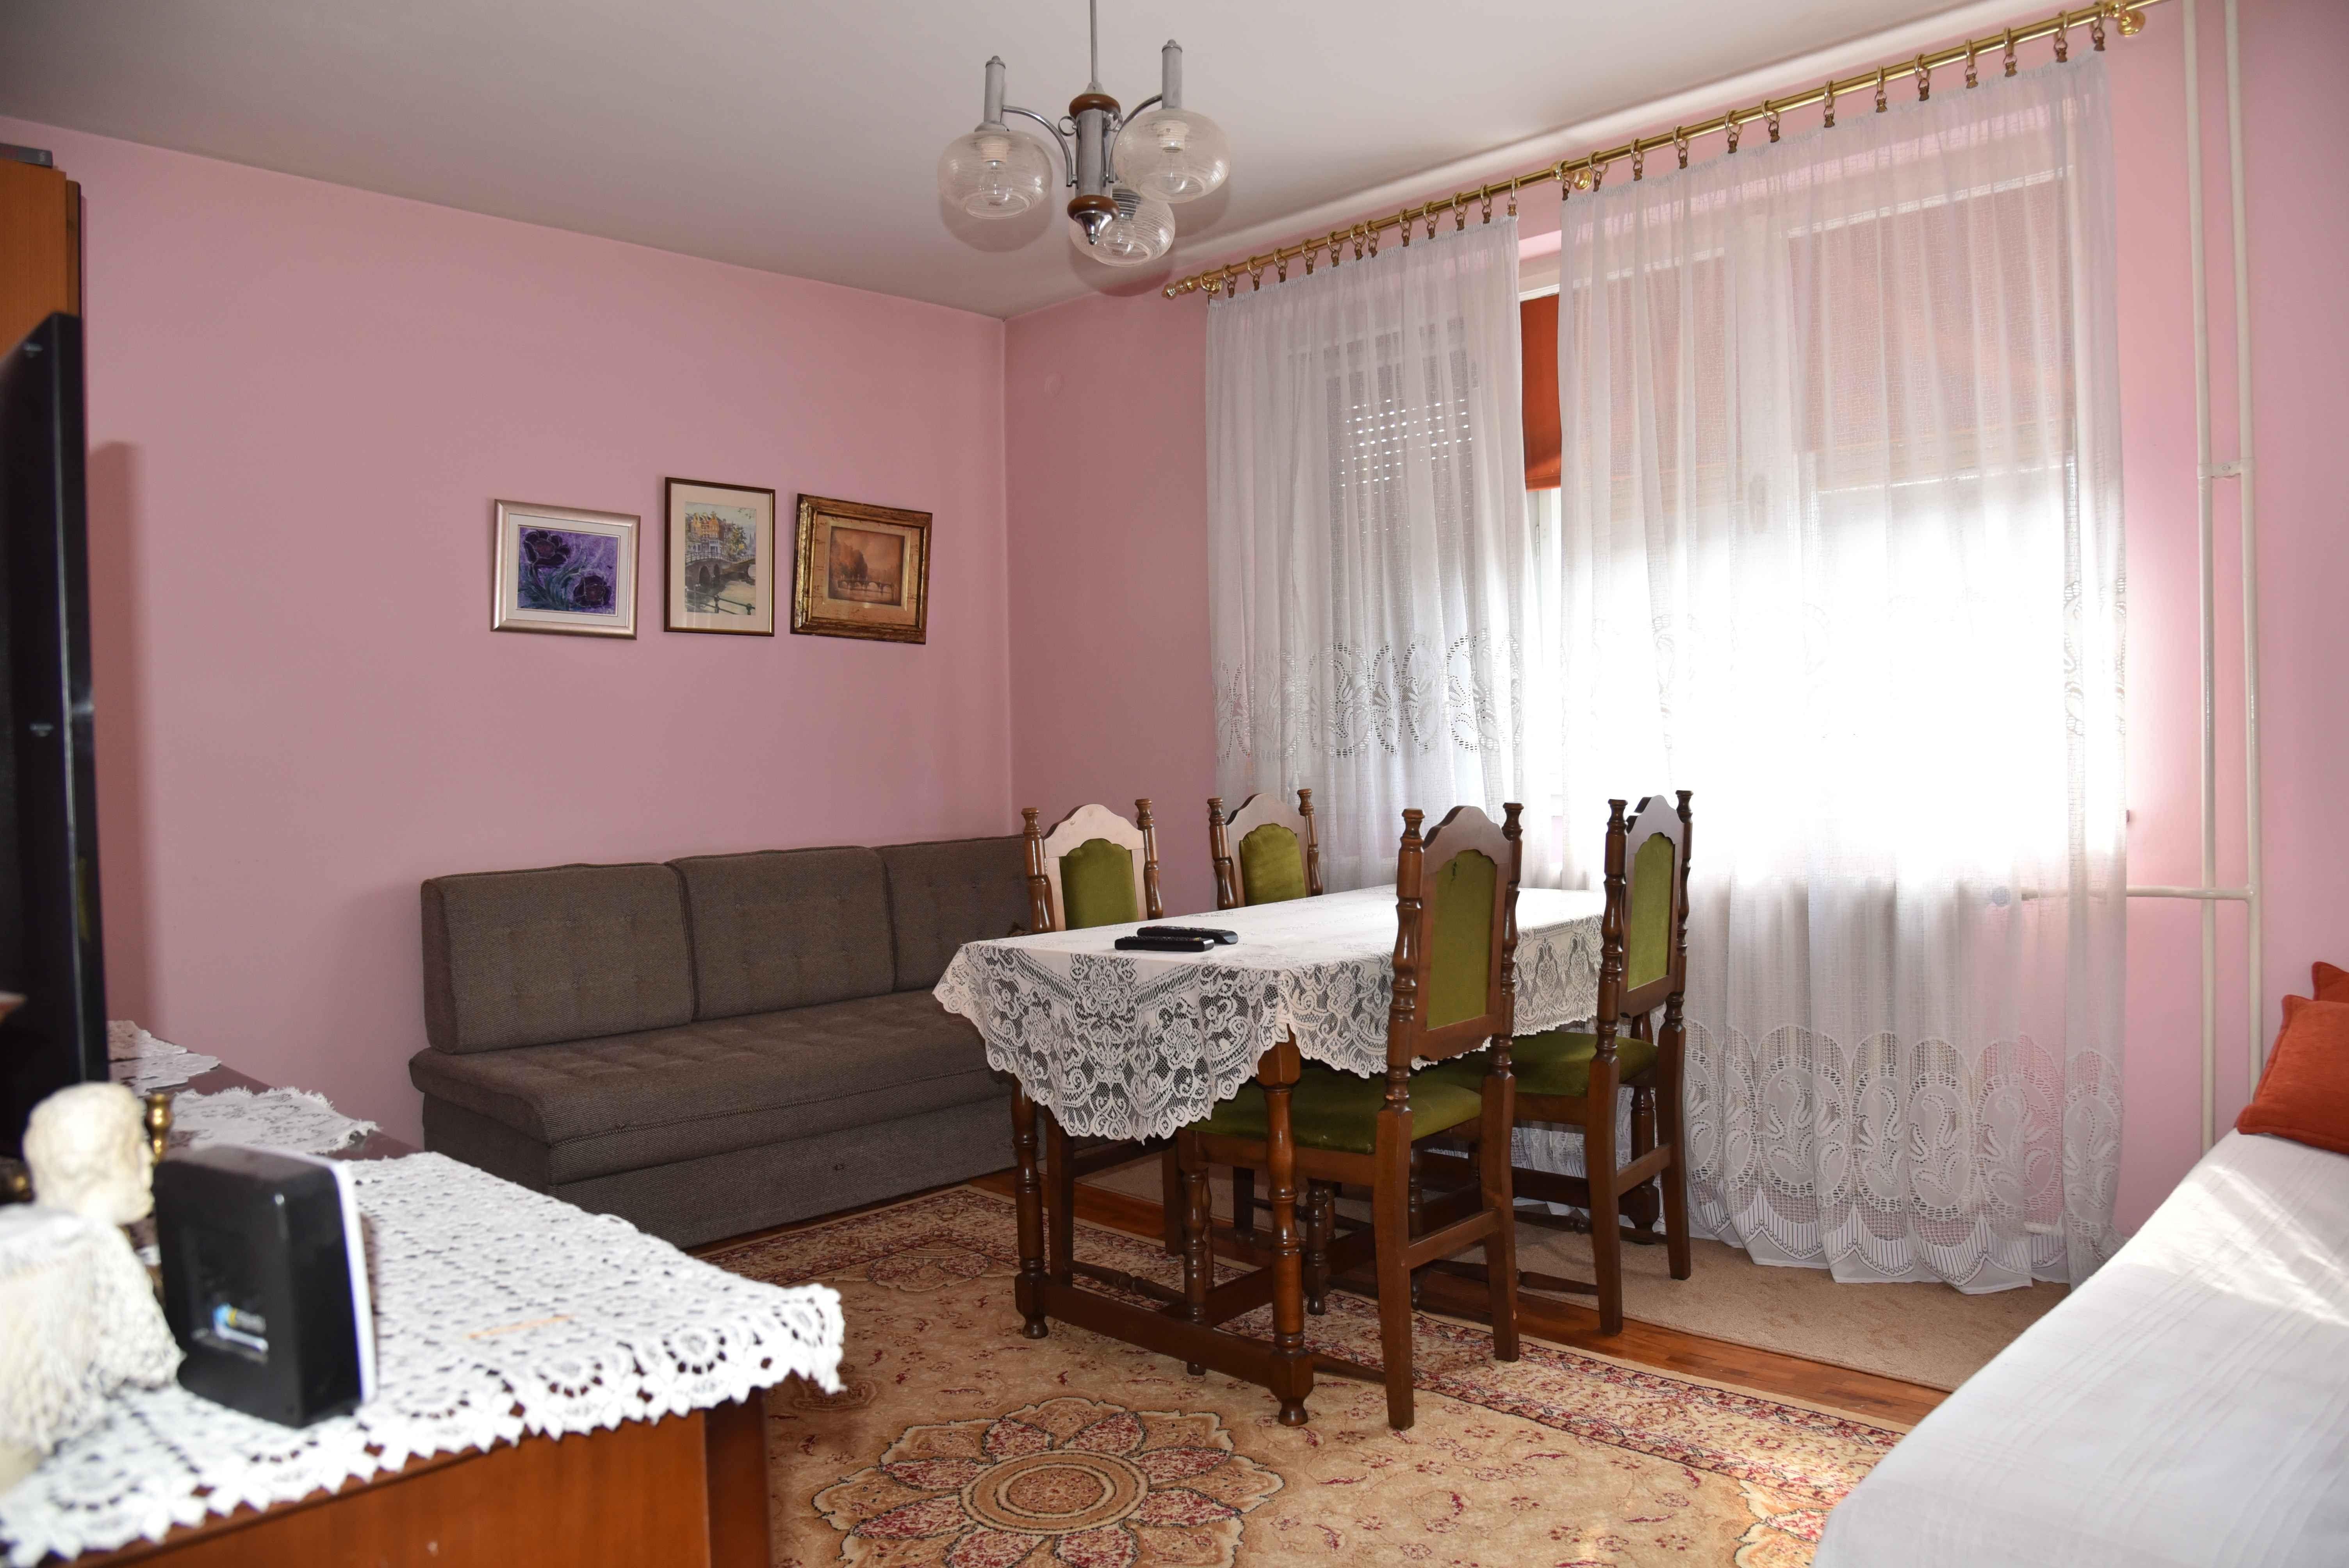 Kuća/ Koševsko Brdo/ 170m2